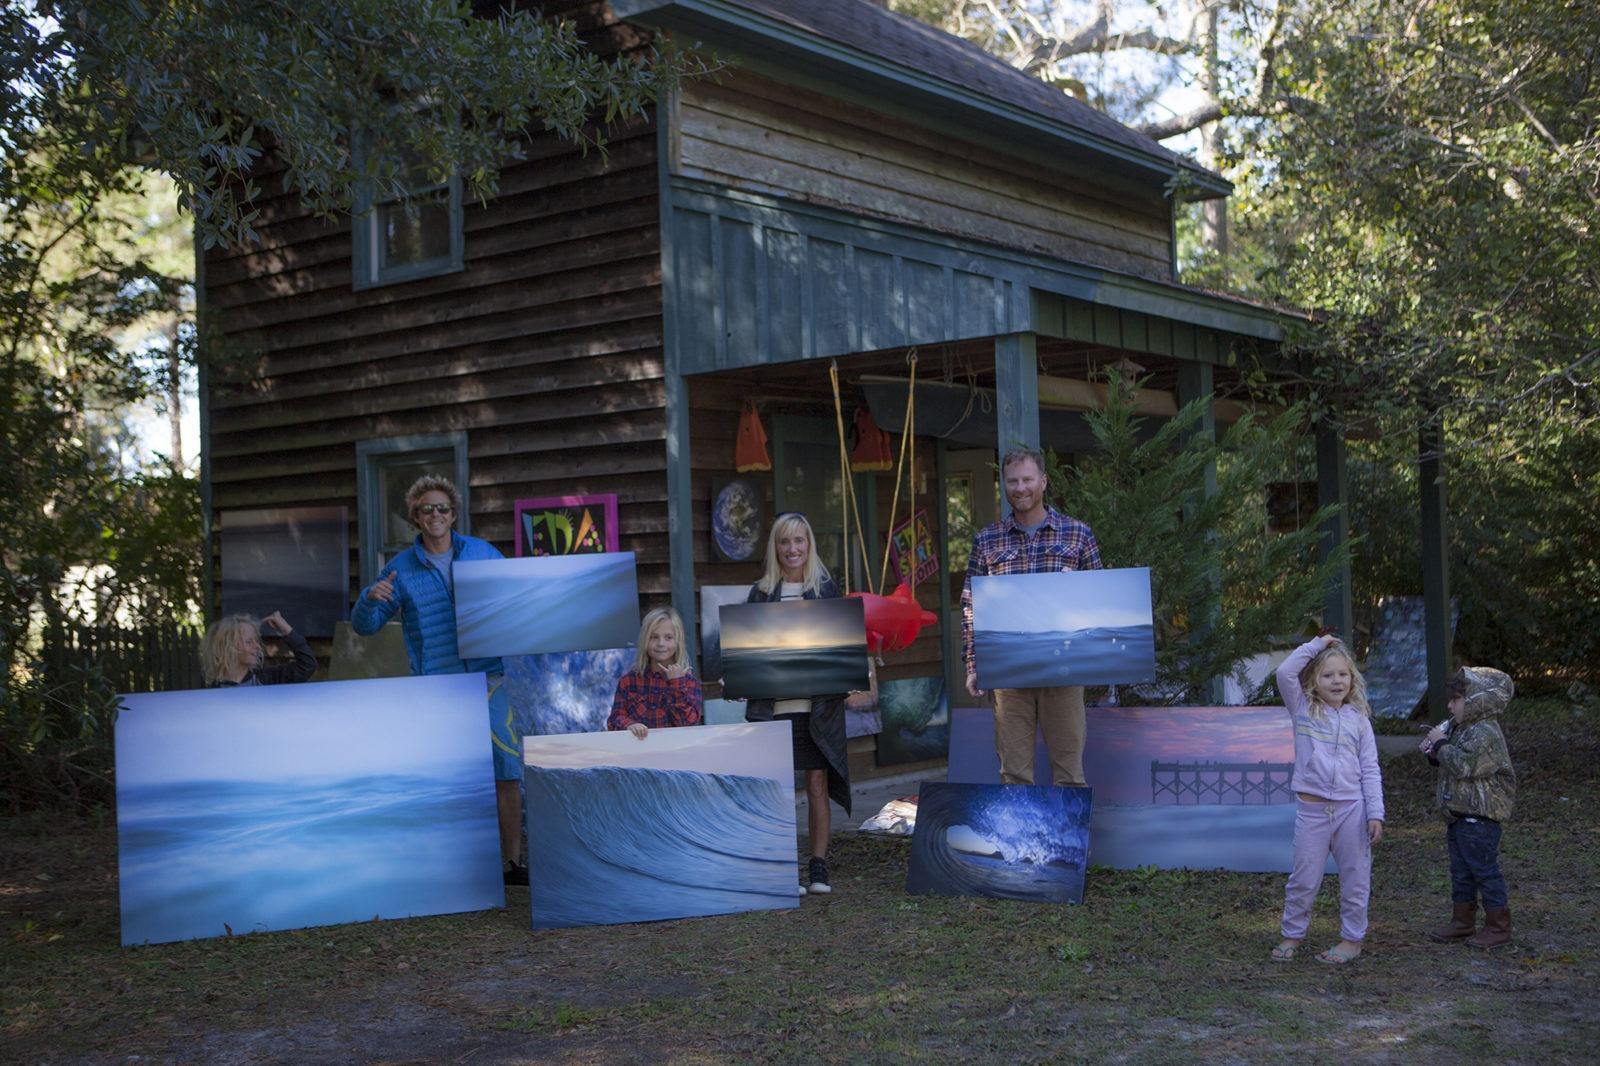 The Oblinger Family Stoked at the EDA Surf Art Studio.